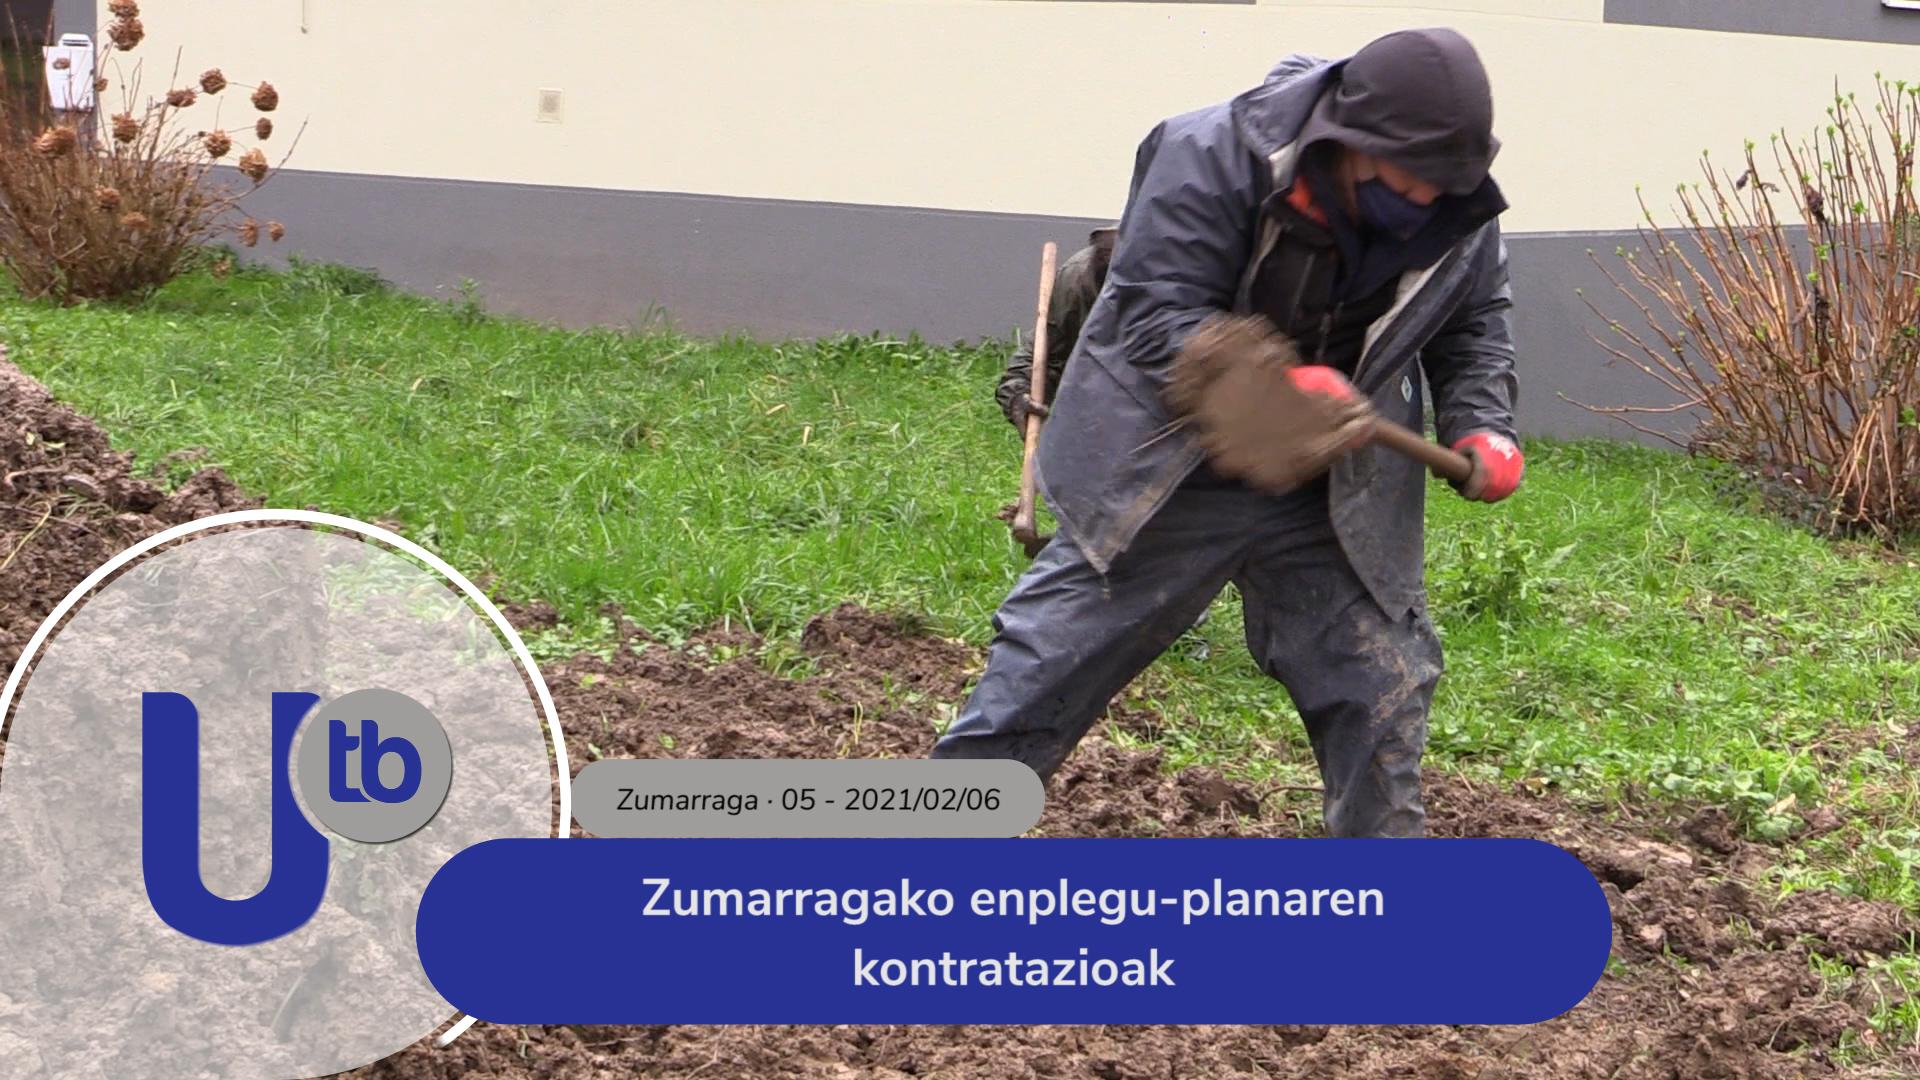 Zumarragako enplegu-planaren kontratazioak / Contrataciones del Plan de empleo de Zumarraga